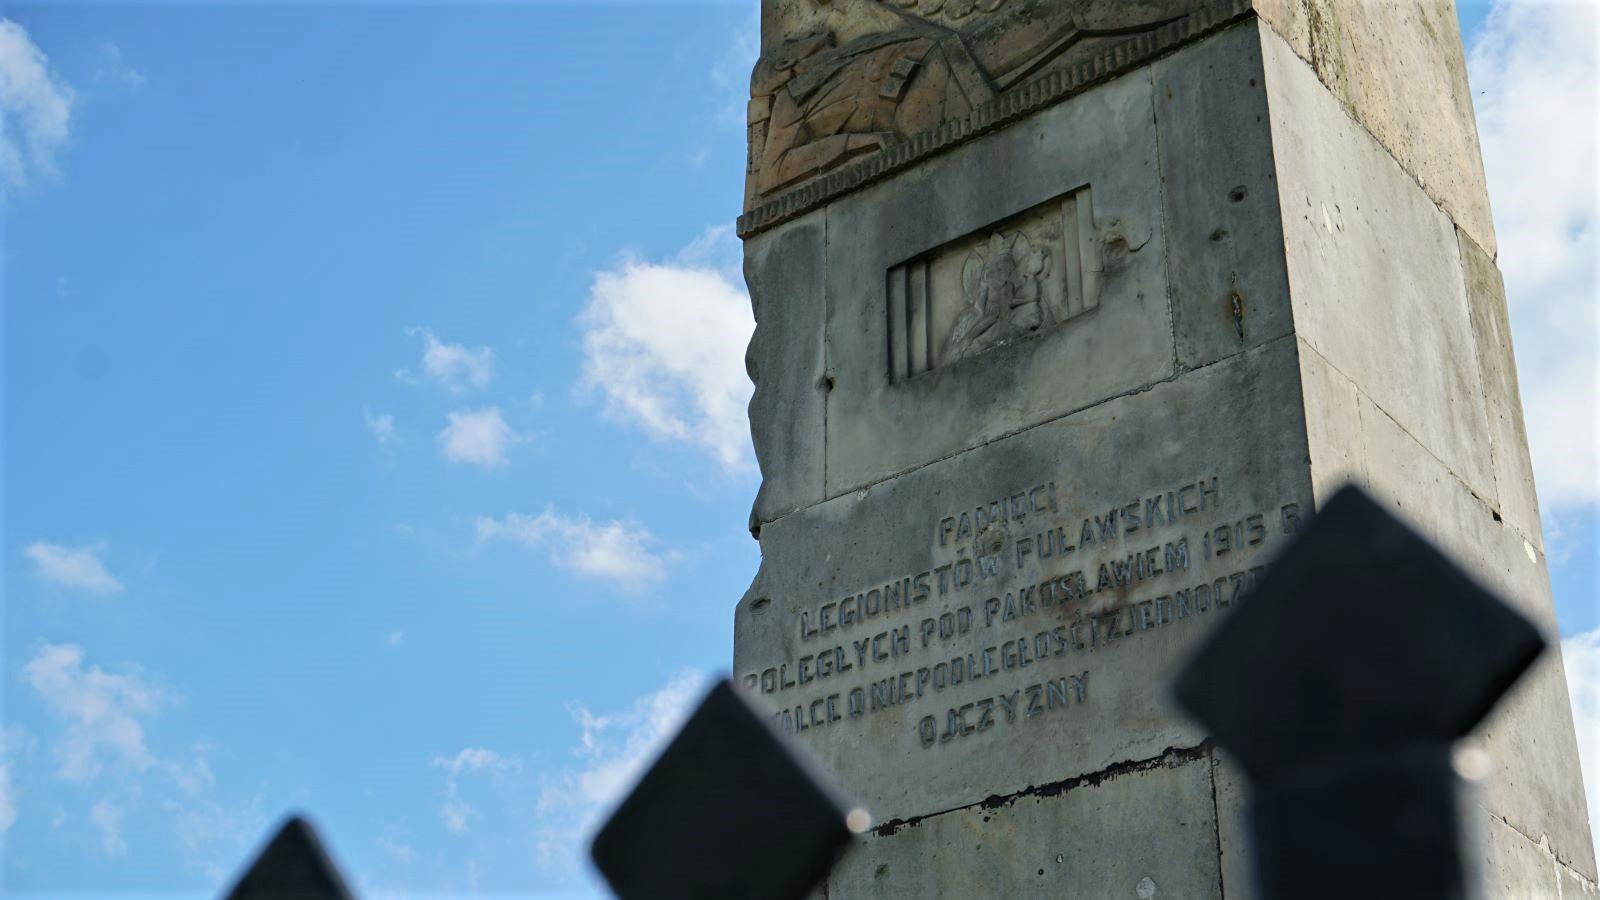 Pomnik Legionistów Pulłwskich w Pakosławiu